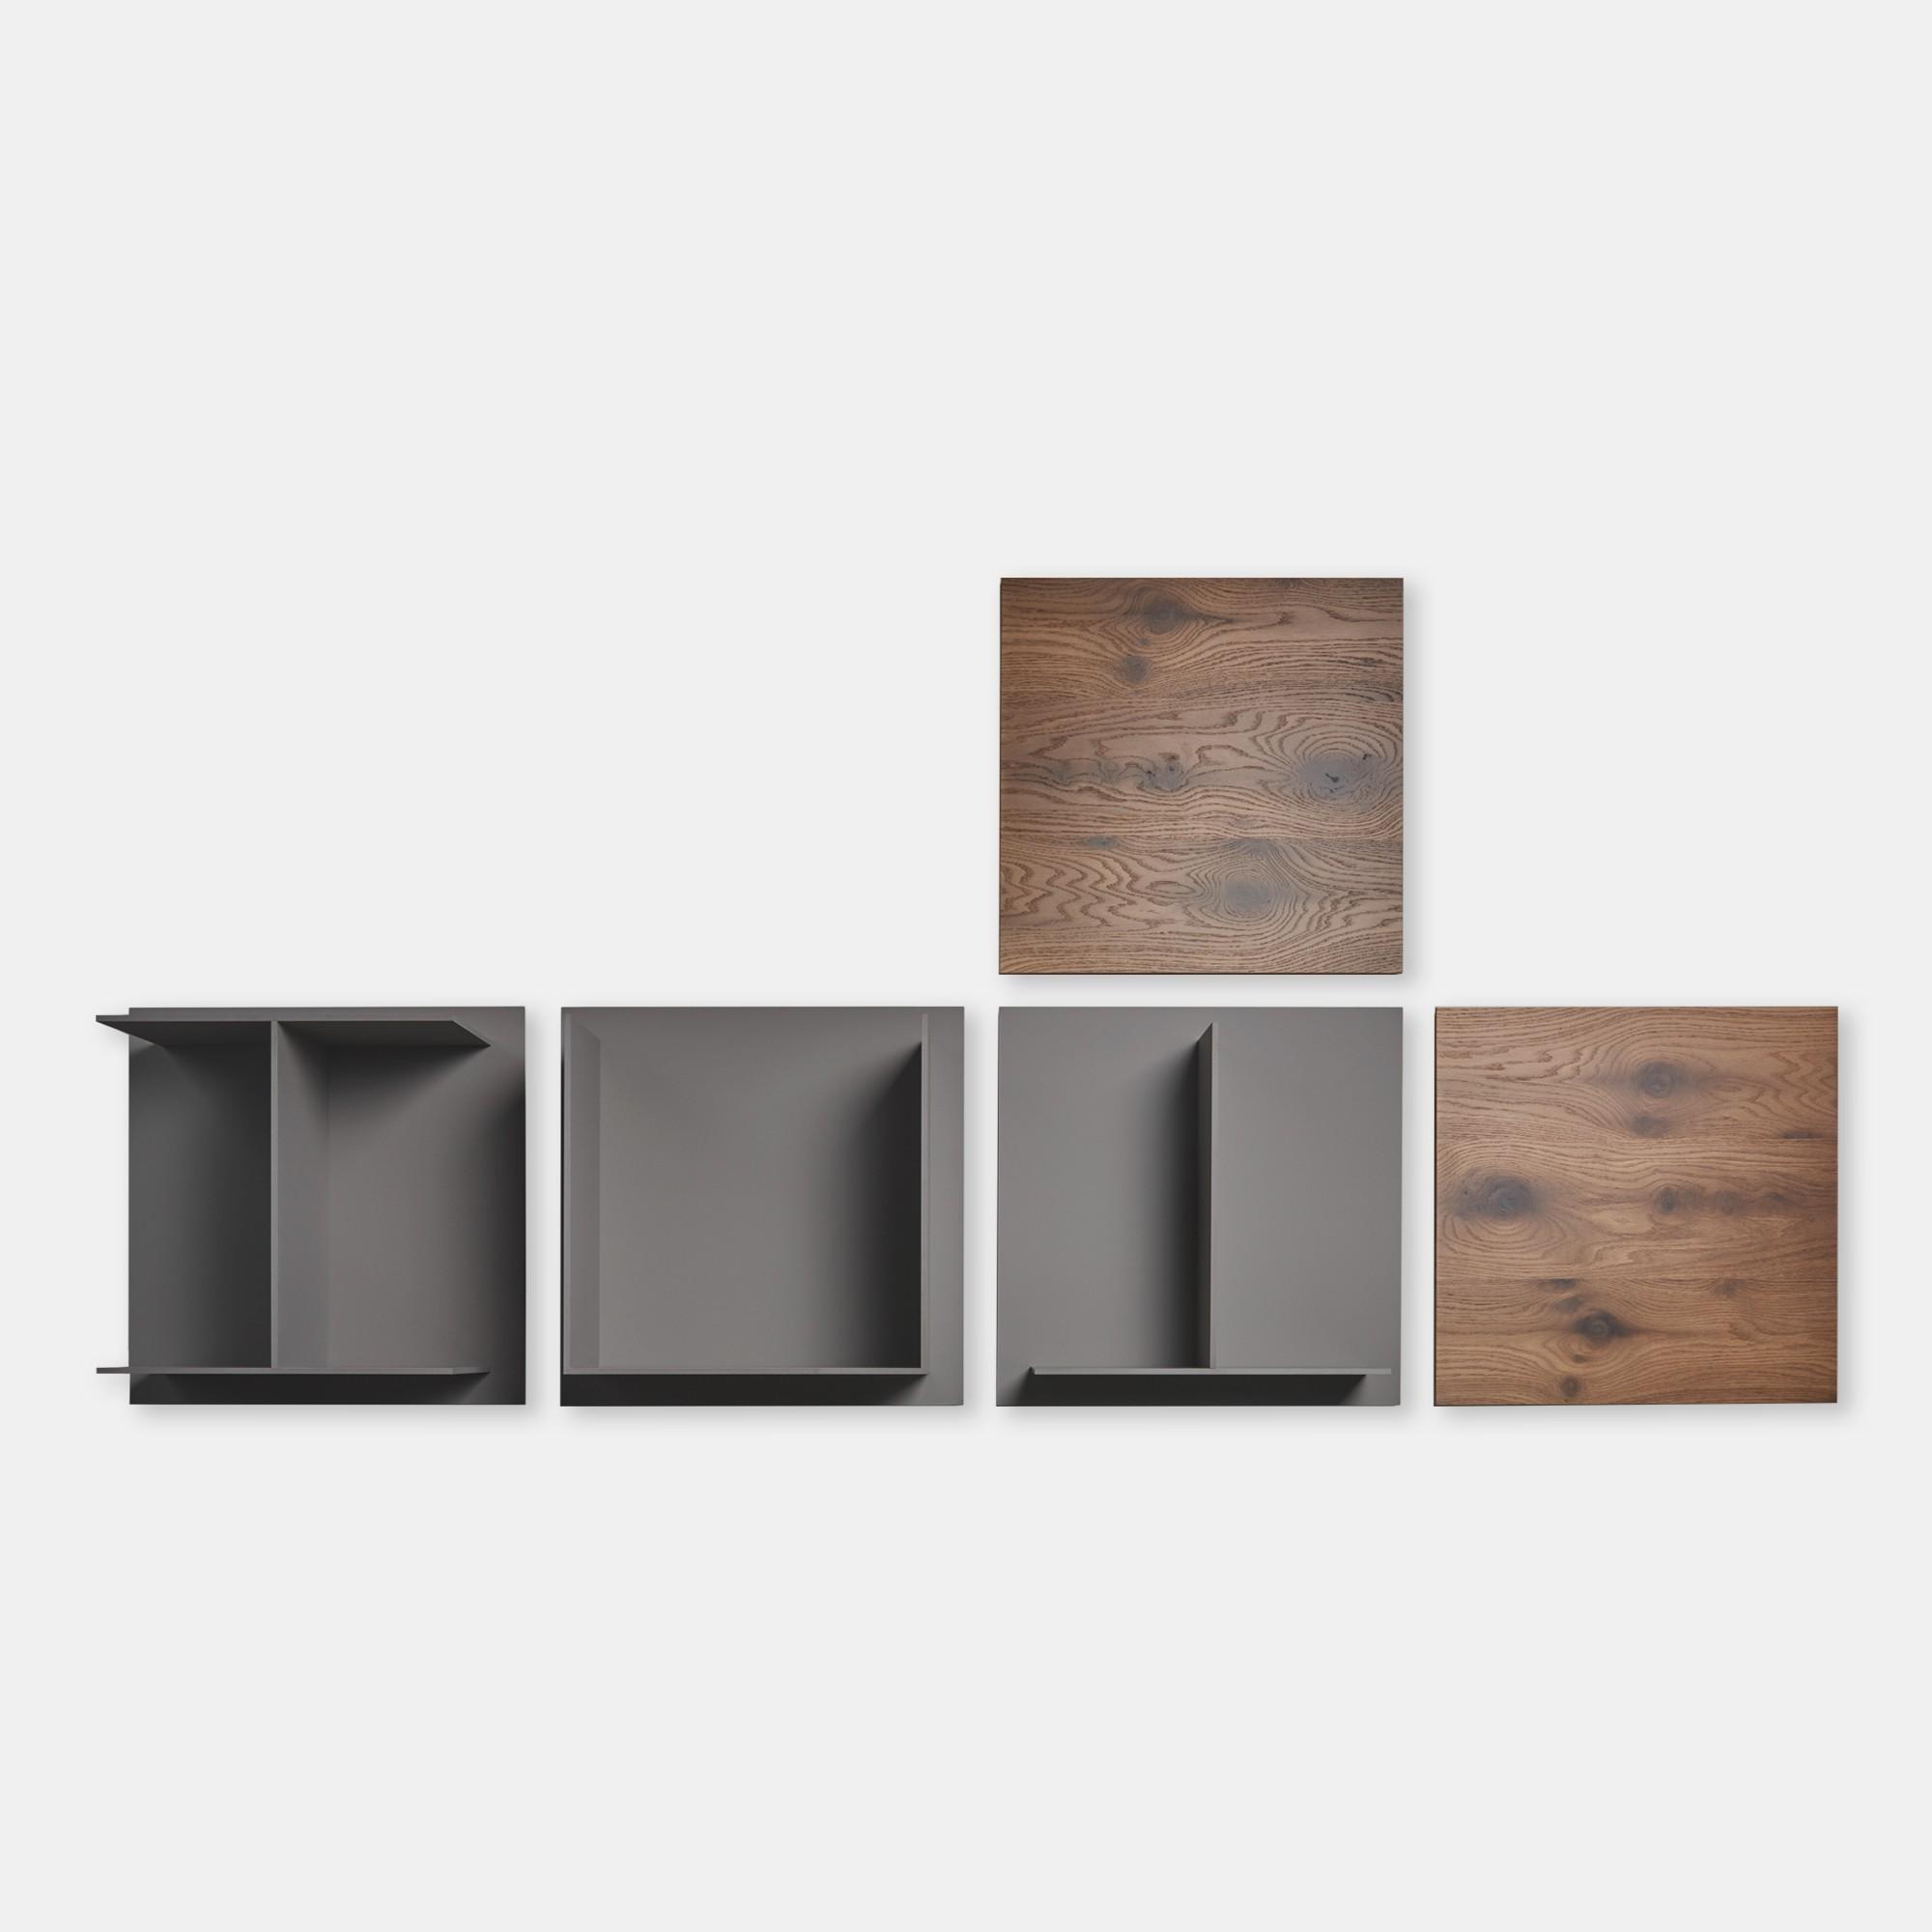 Mensole Quadrate Design.Composizione Mensole A Muro Mensole Quadrate Di Design Square